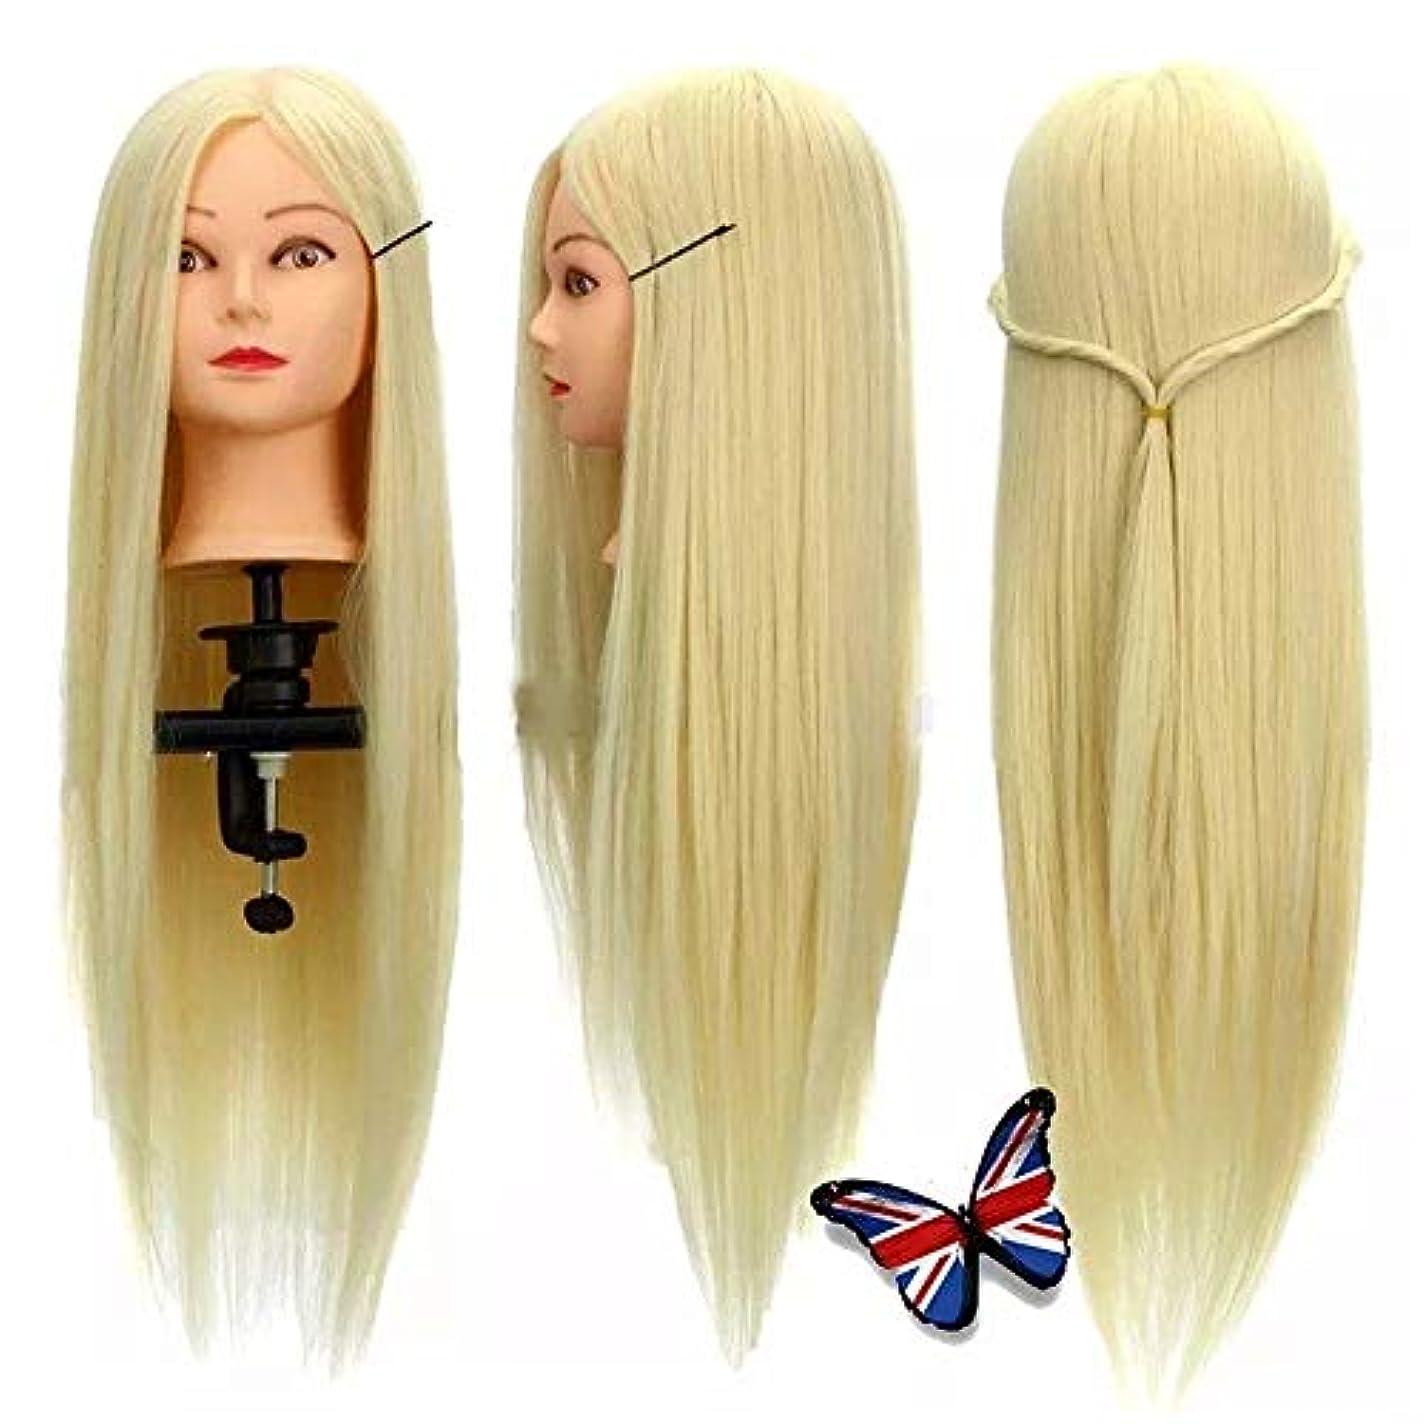 解読するかまどコードウイッグ マネキンヘッド 30%の本物の人間の髪の毛のトレーニング頭部サロン理髪カットマネキンでクランプでクランプホルダ 練習用 (色 : Blonde, サイズ : As picture shows)